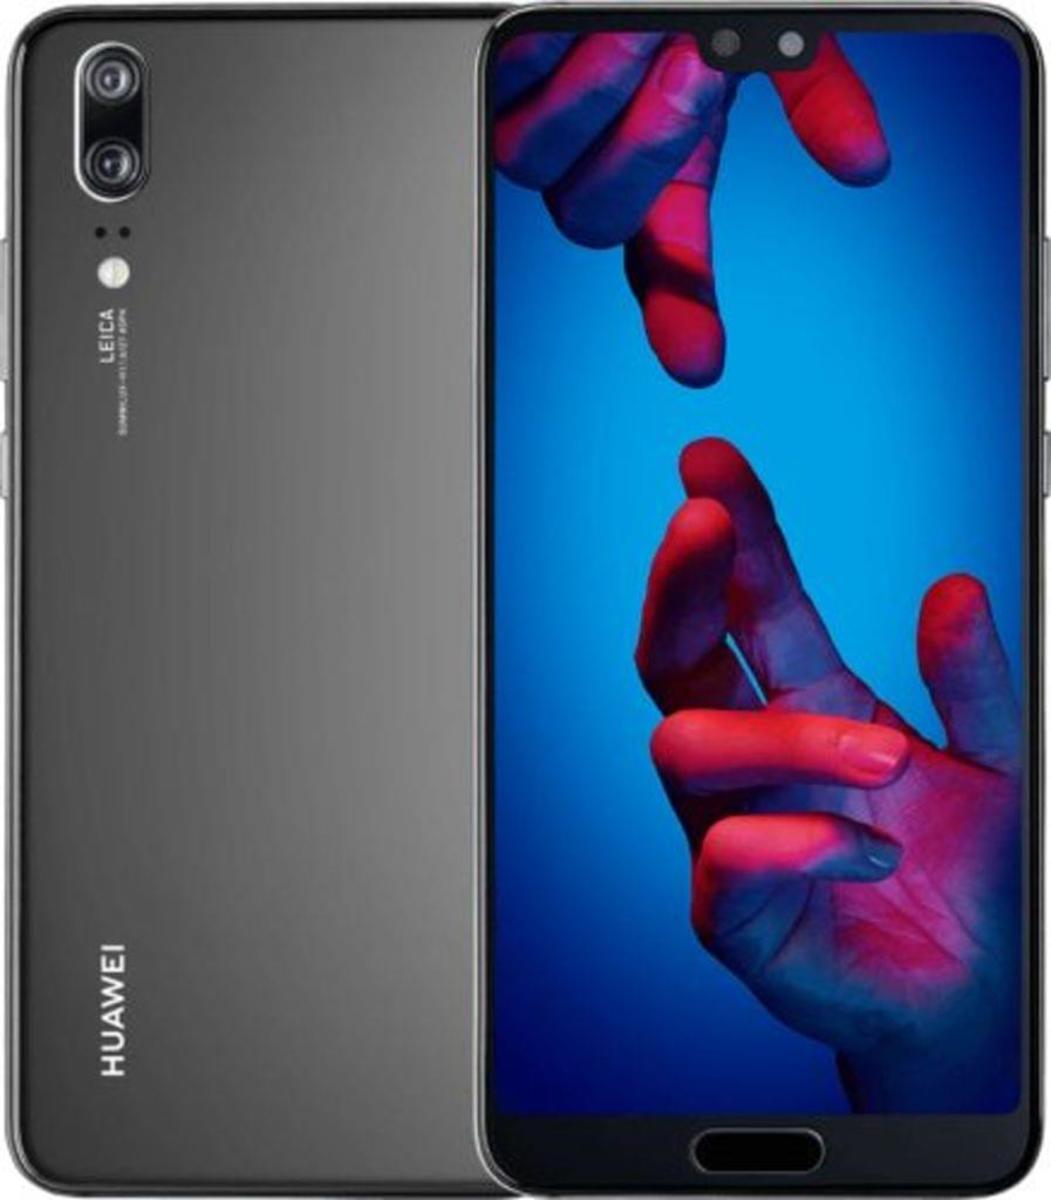 Bild 2 von Huawei P20 128 GB in schwarz - Dual SIM